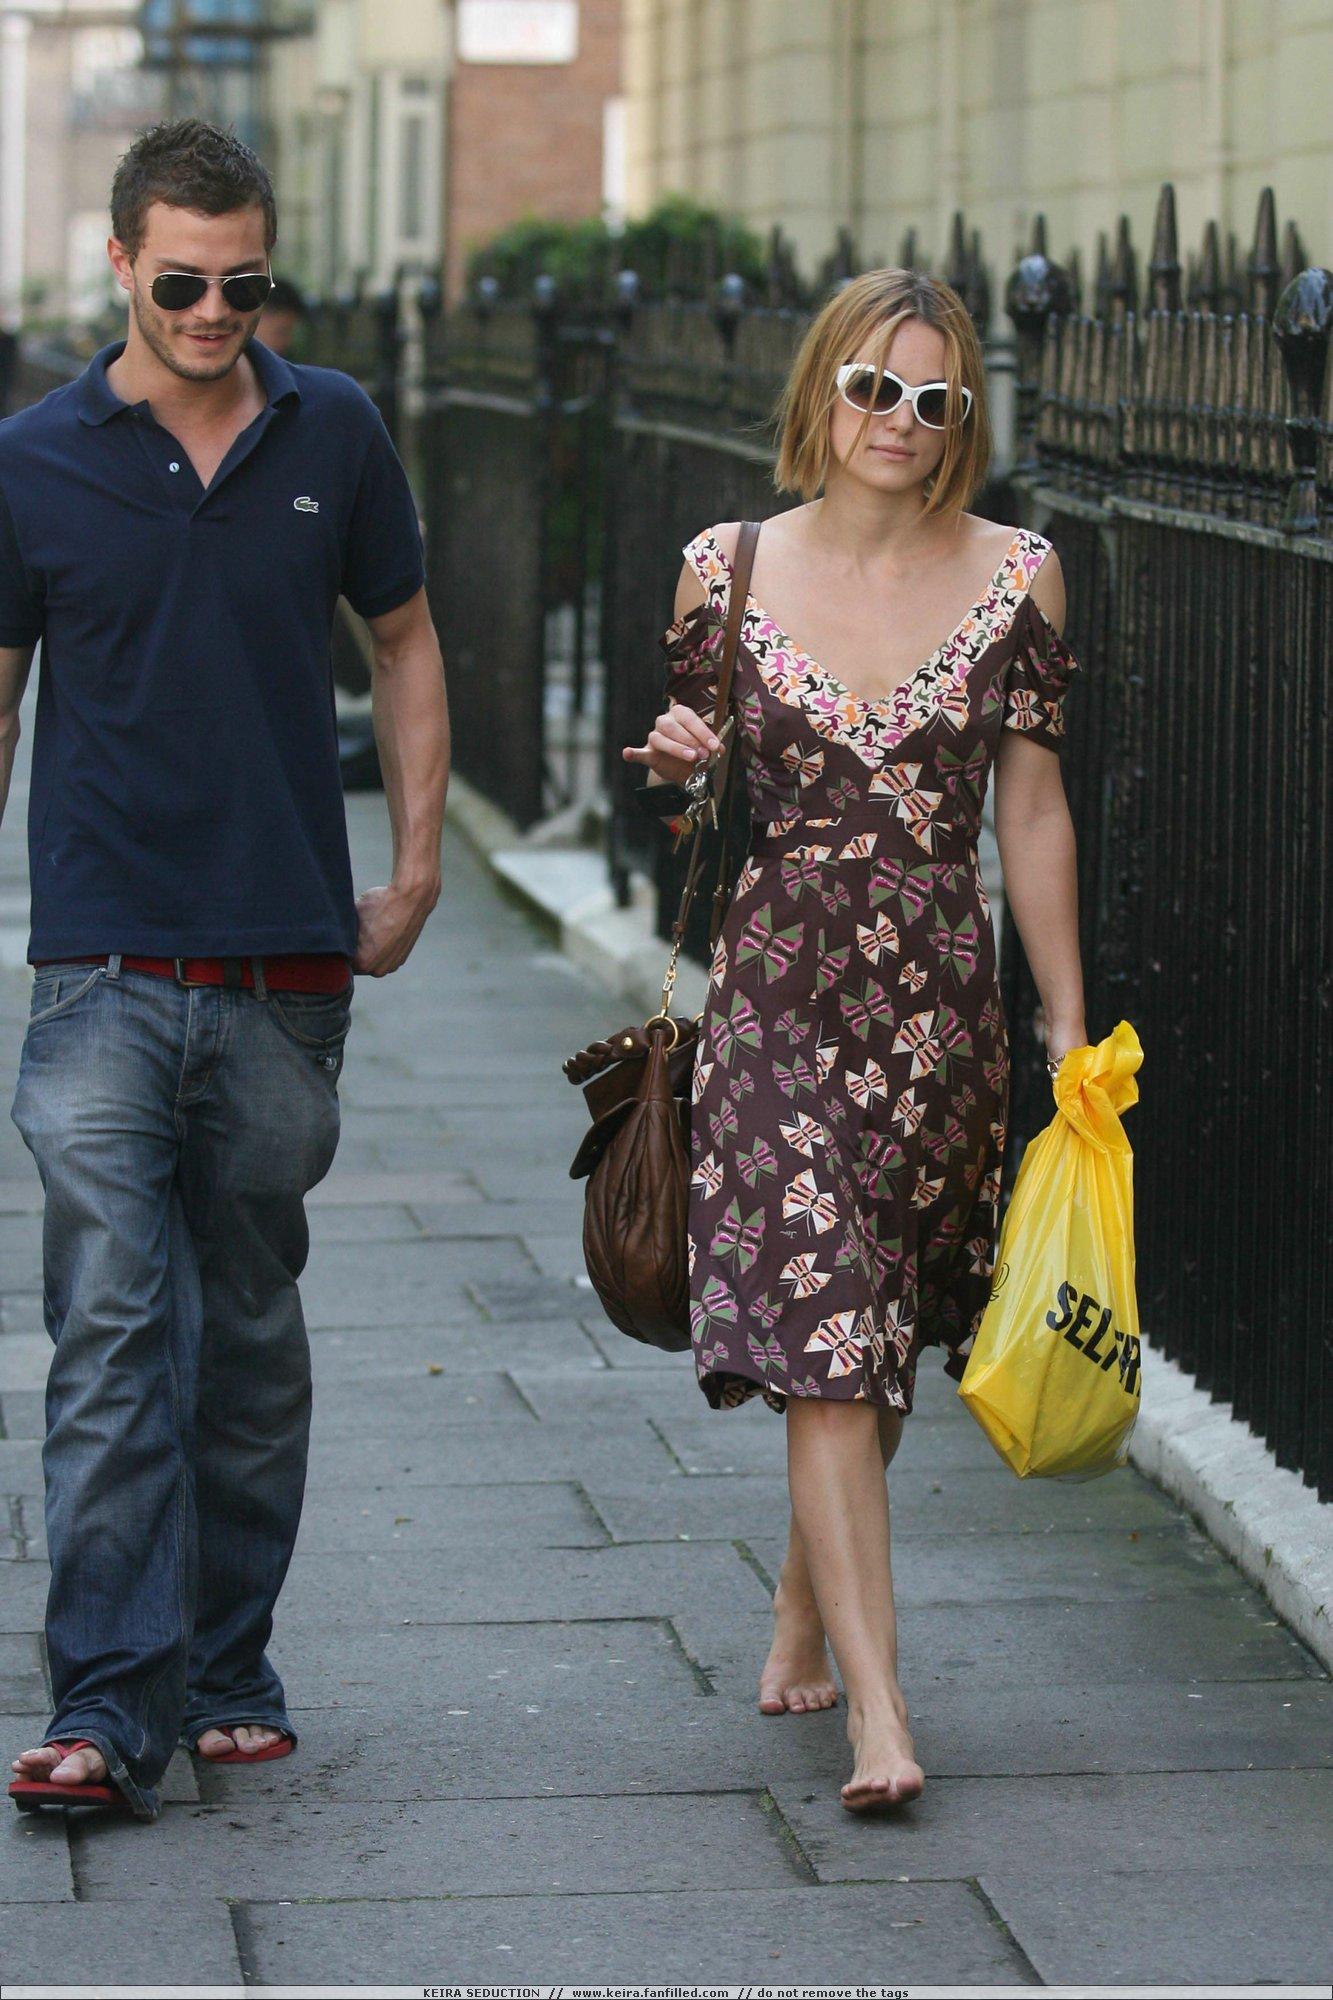 http://pics.wikifeet.com/Keira-Knightley-Feet-245472.jpg